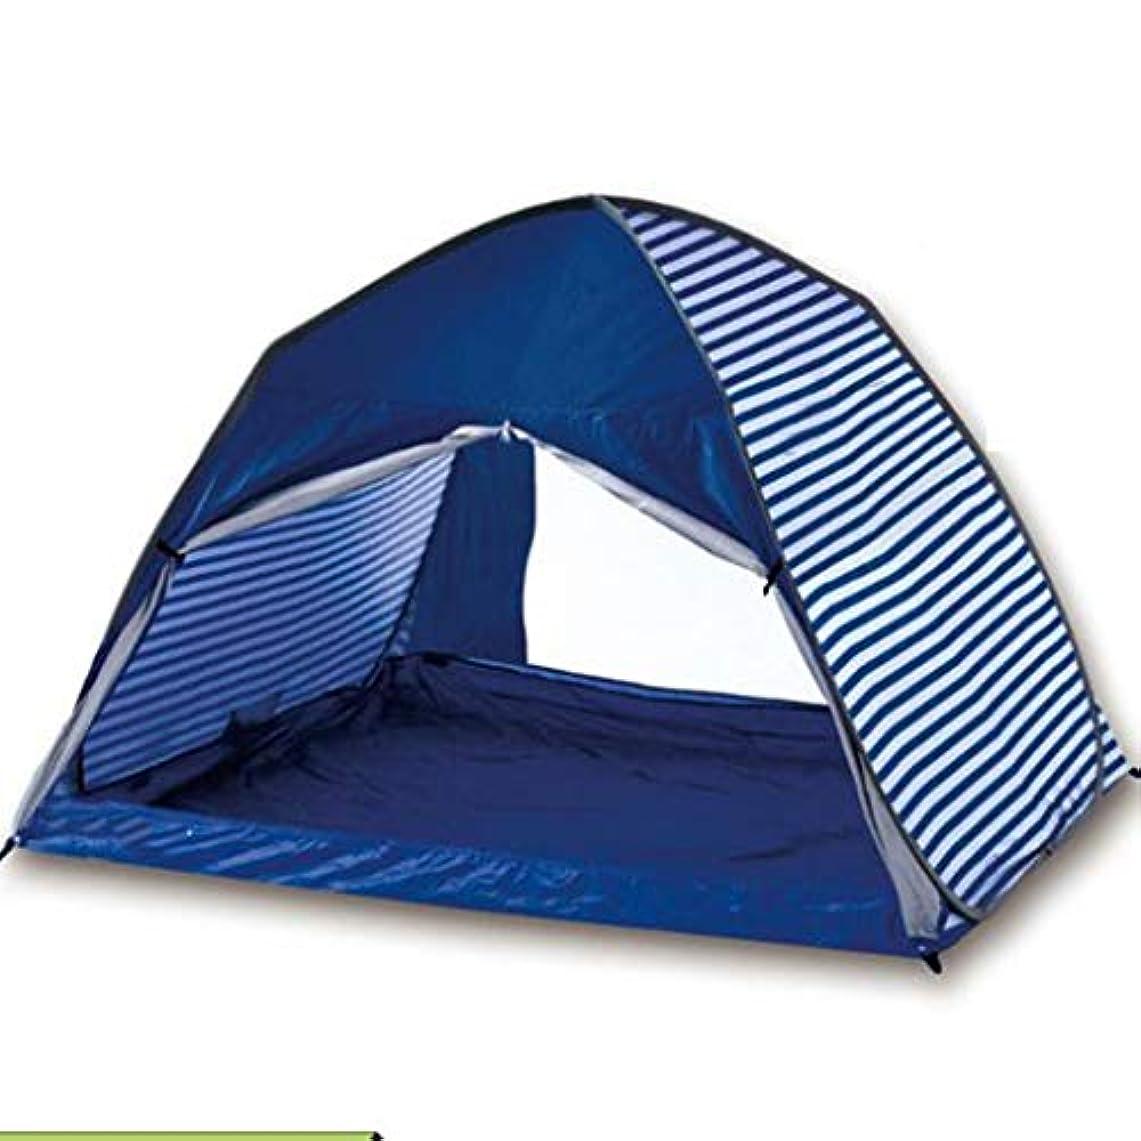 道徳教育拮抗可動式テント、折りたたみ自動クイックオープン屋外キャンプビーチテント屋外用製品3-4人